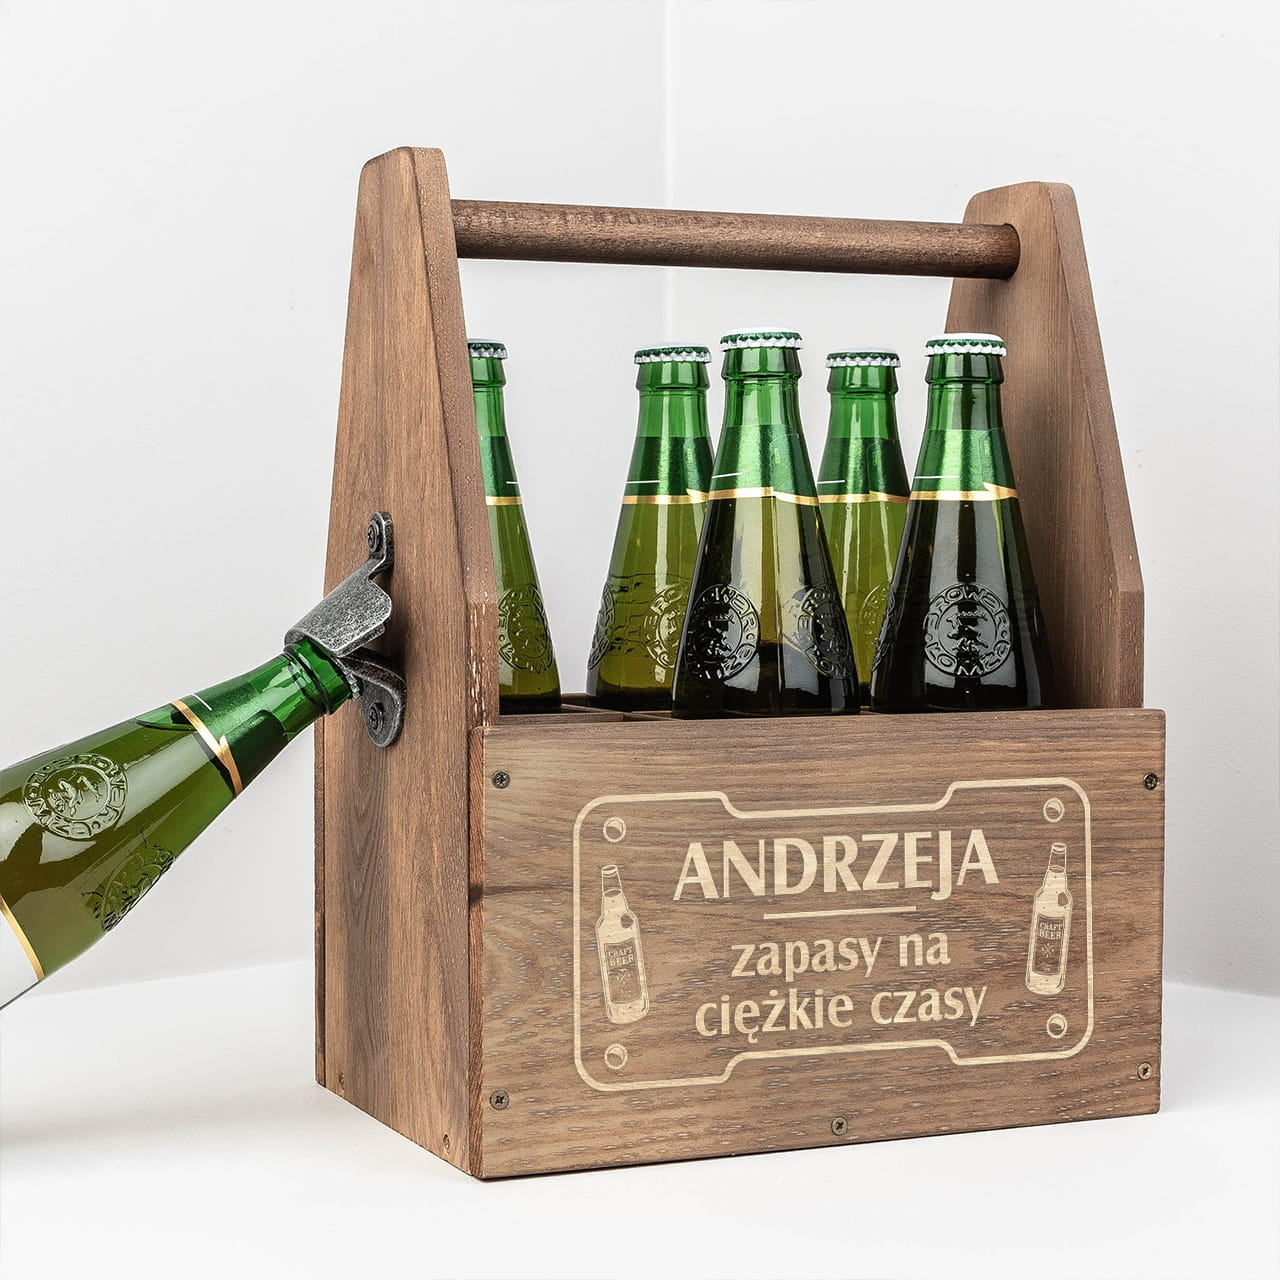 Nosidło na piwo to praktyczny prezent na Dzień Chłopaka